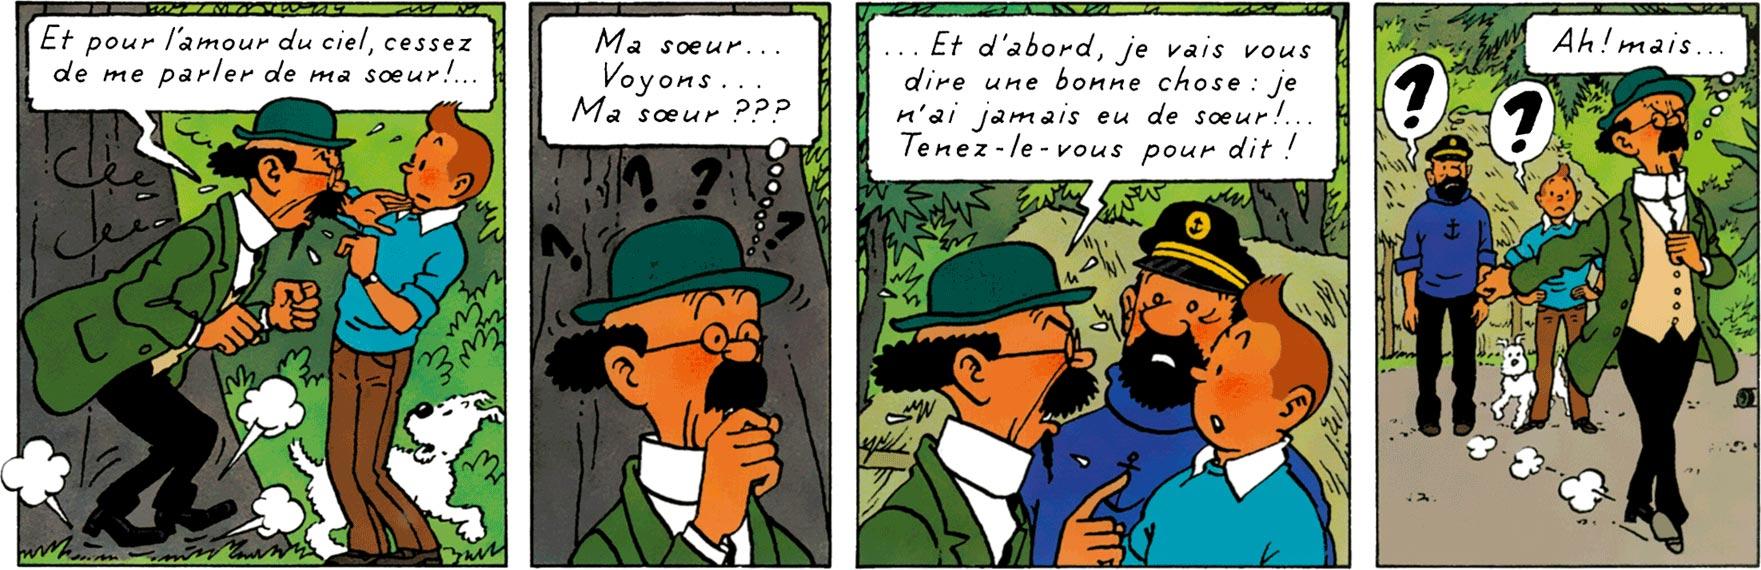 Tournesol n'a pas de soeur - Tintin et les Picaros